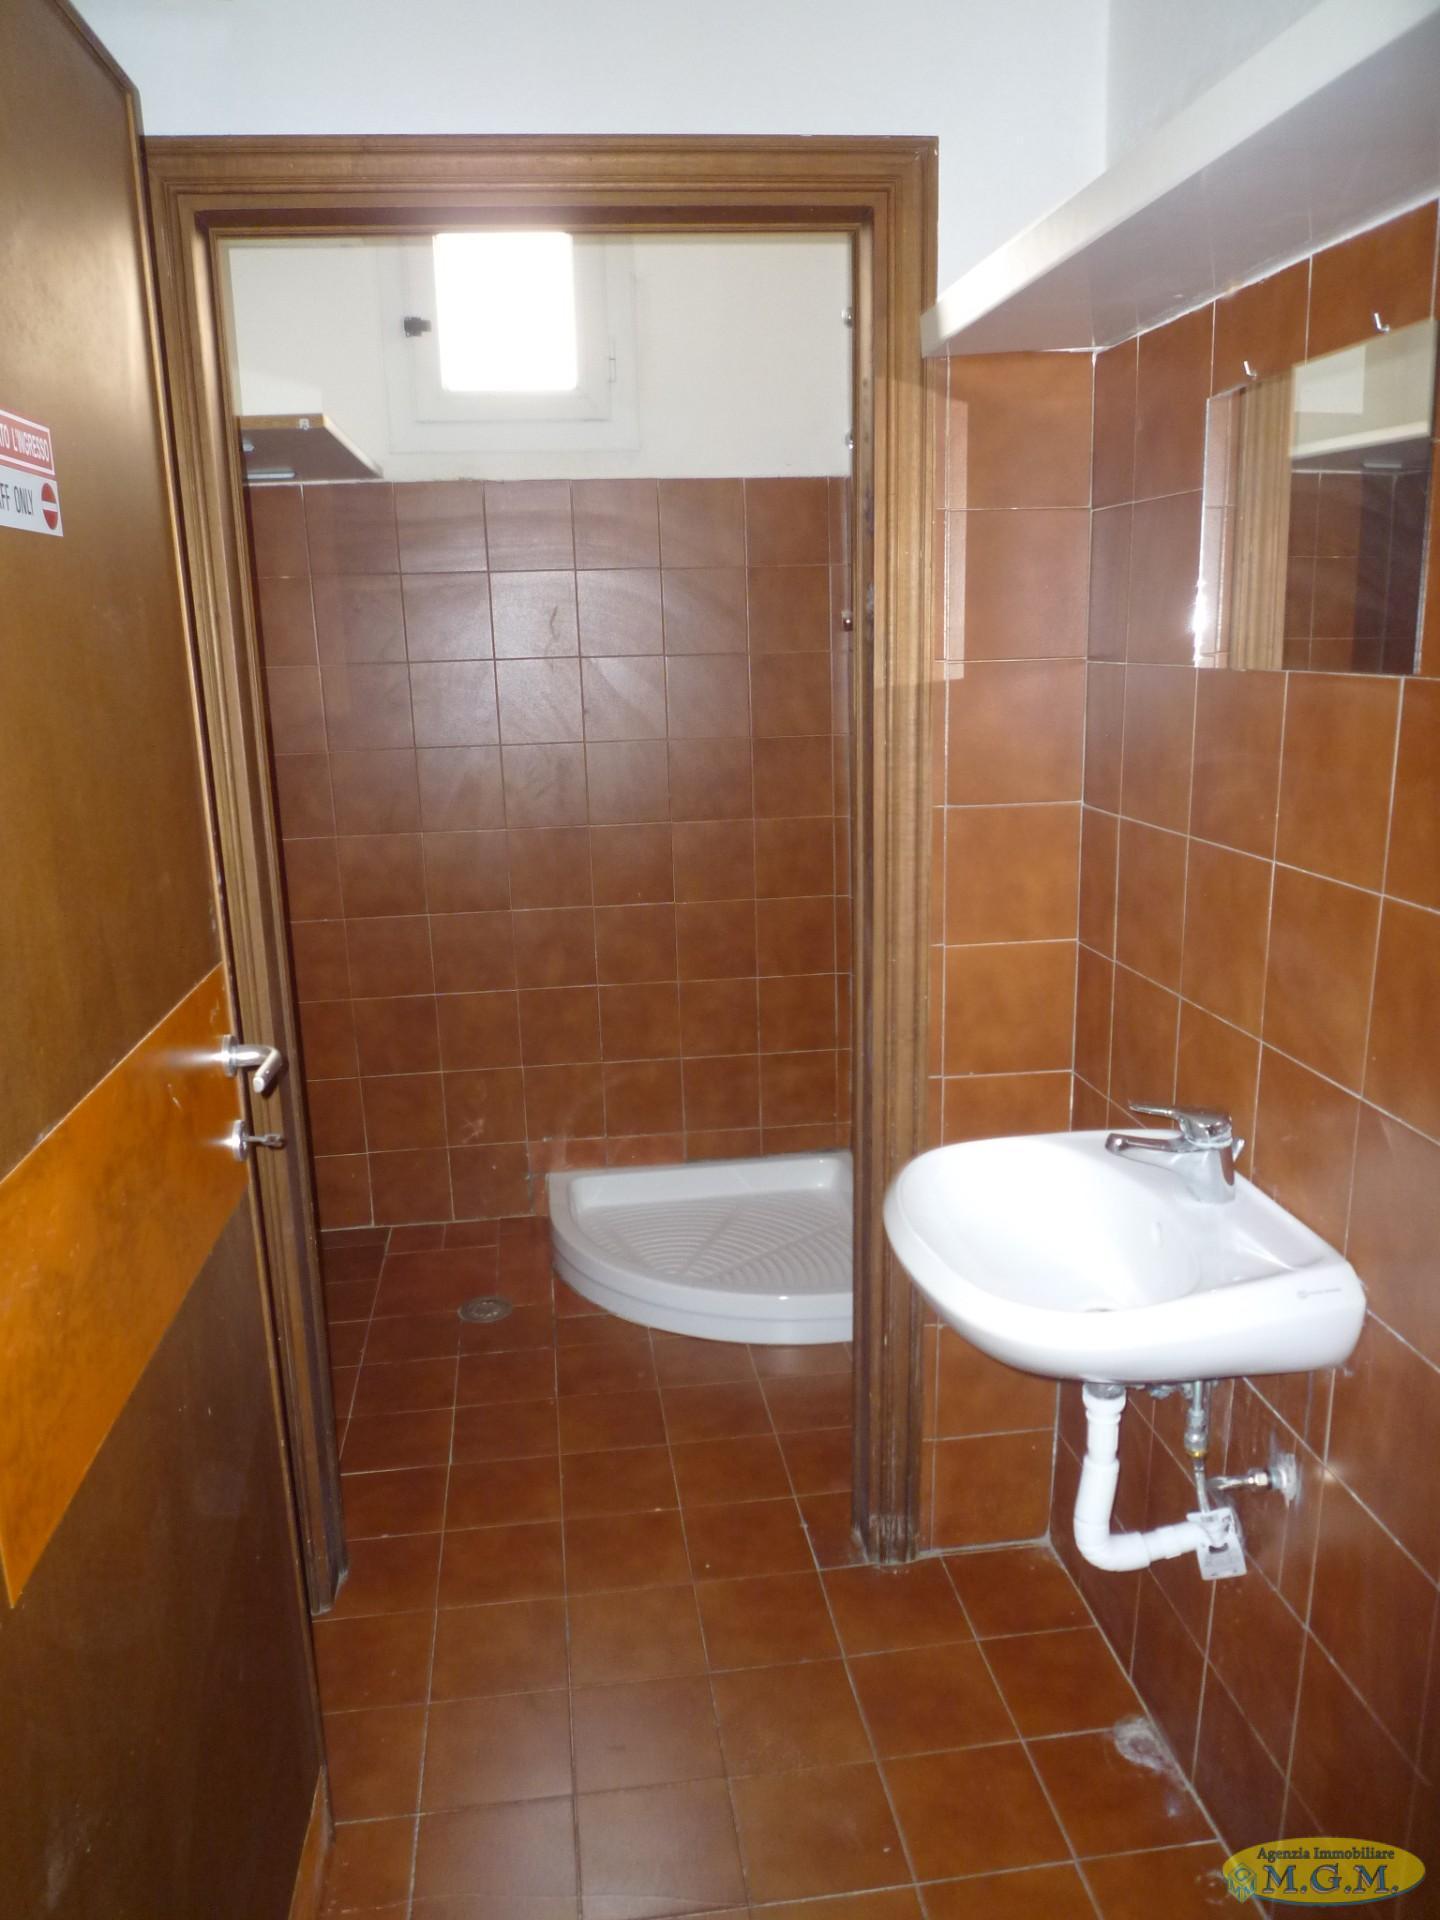 Mgmnet.it: Locale comm.le/Fondo in affitto a Castelfranco di Sotto